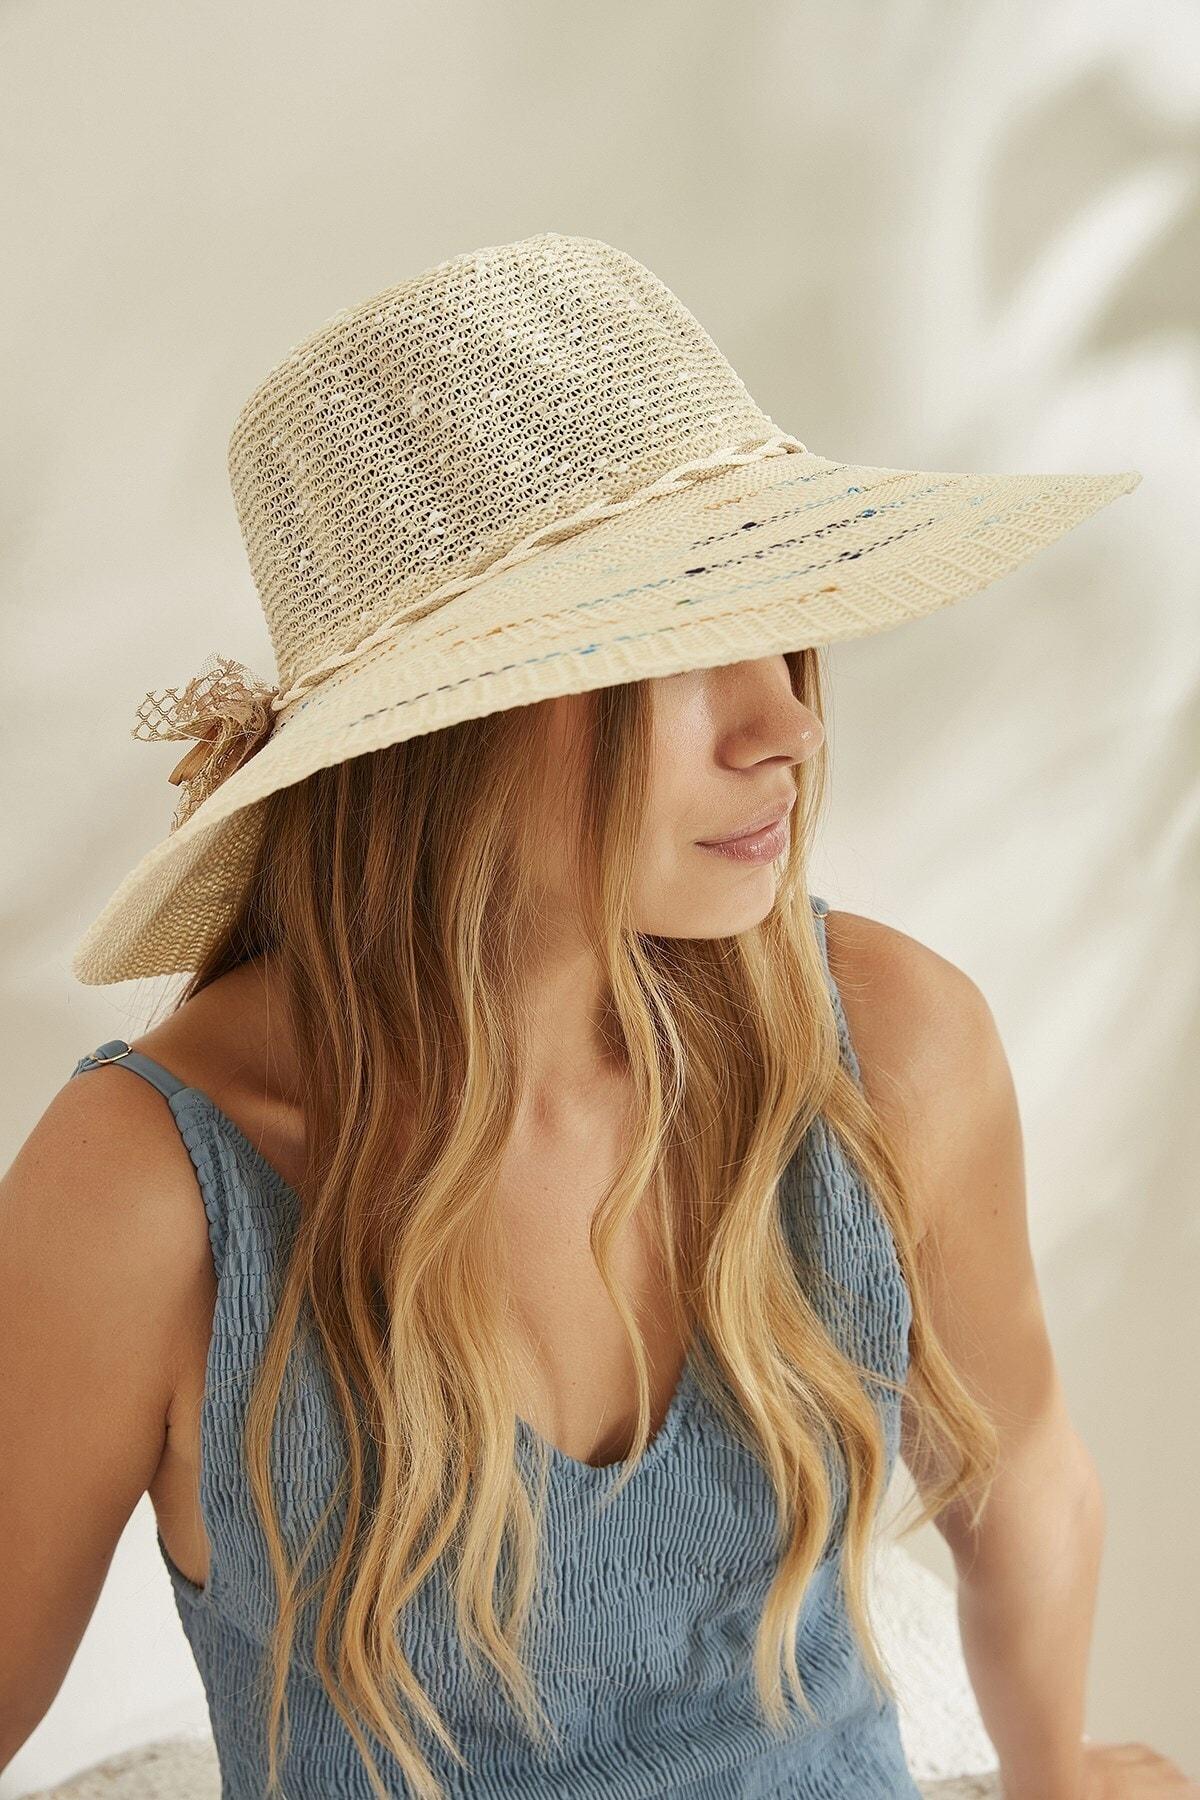 C&City Kadın Merserize Hasır Şapka T2740-08 Ekru 1